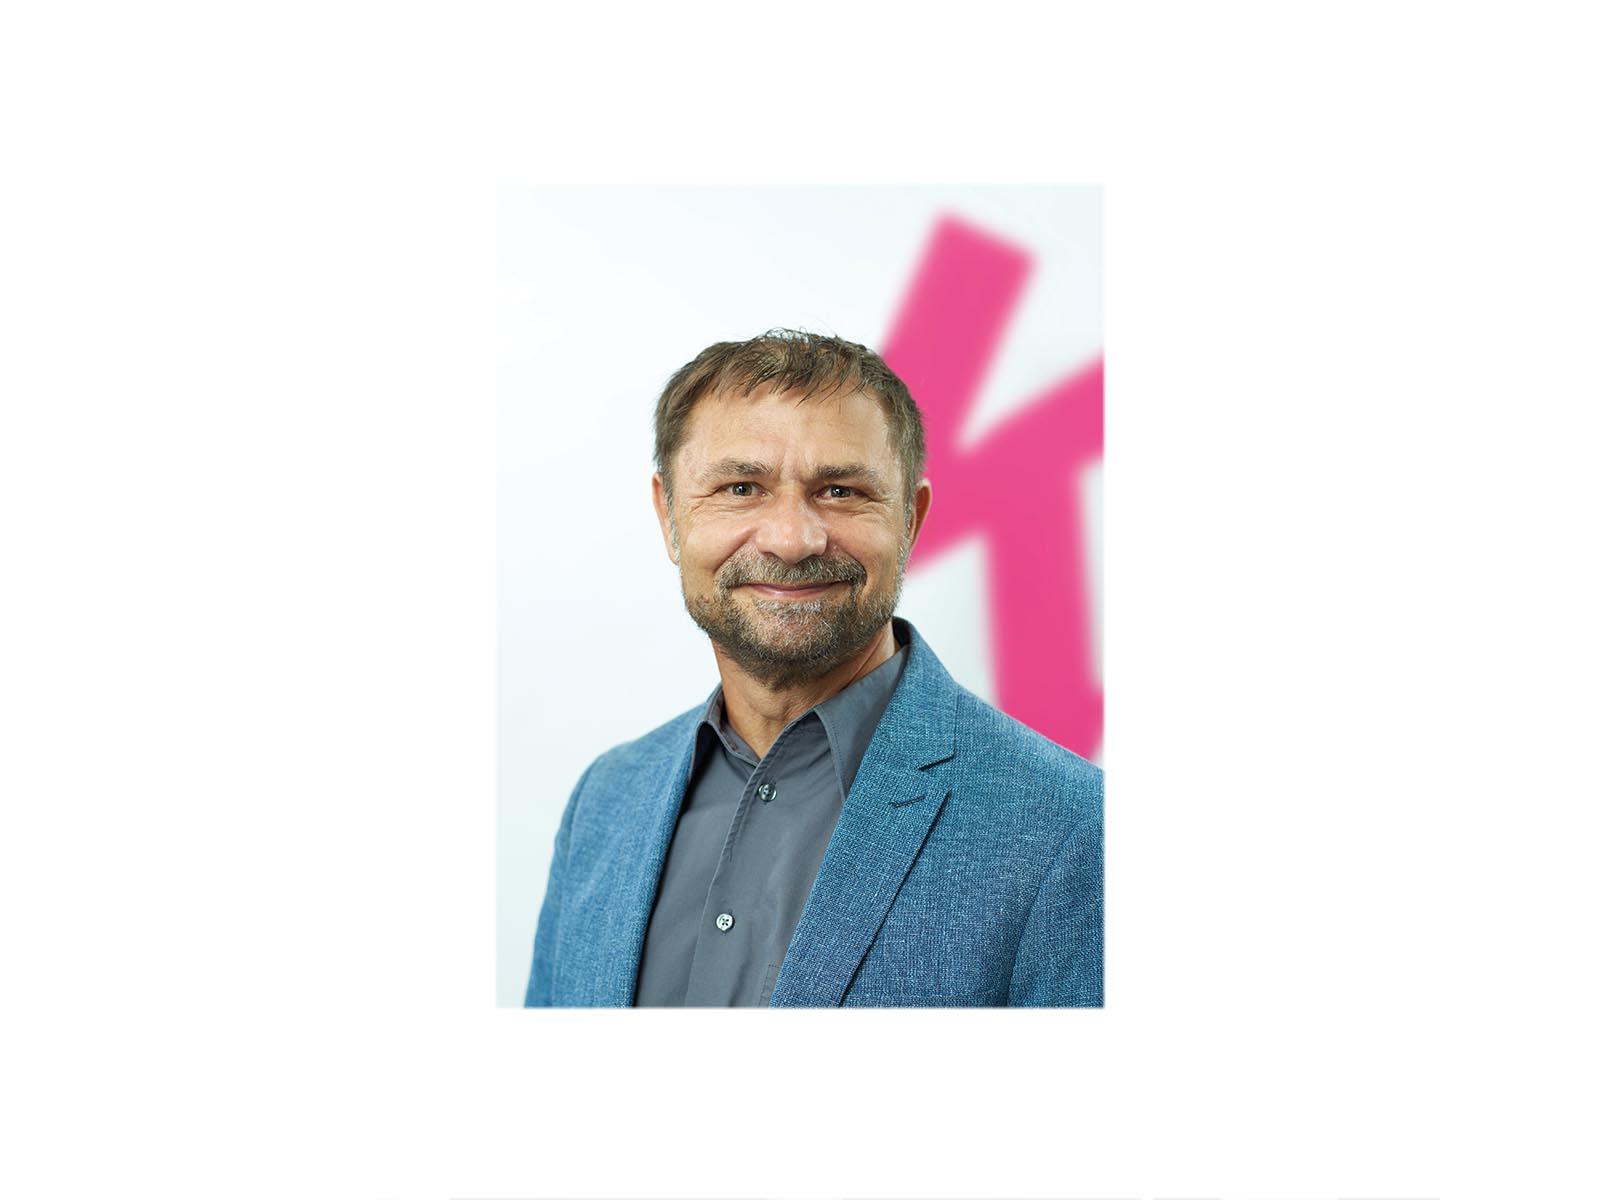 Peter Schneider, Kantonsratskandidat, Mitglied der Kreisschulbehörde